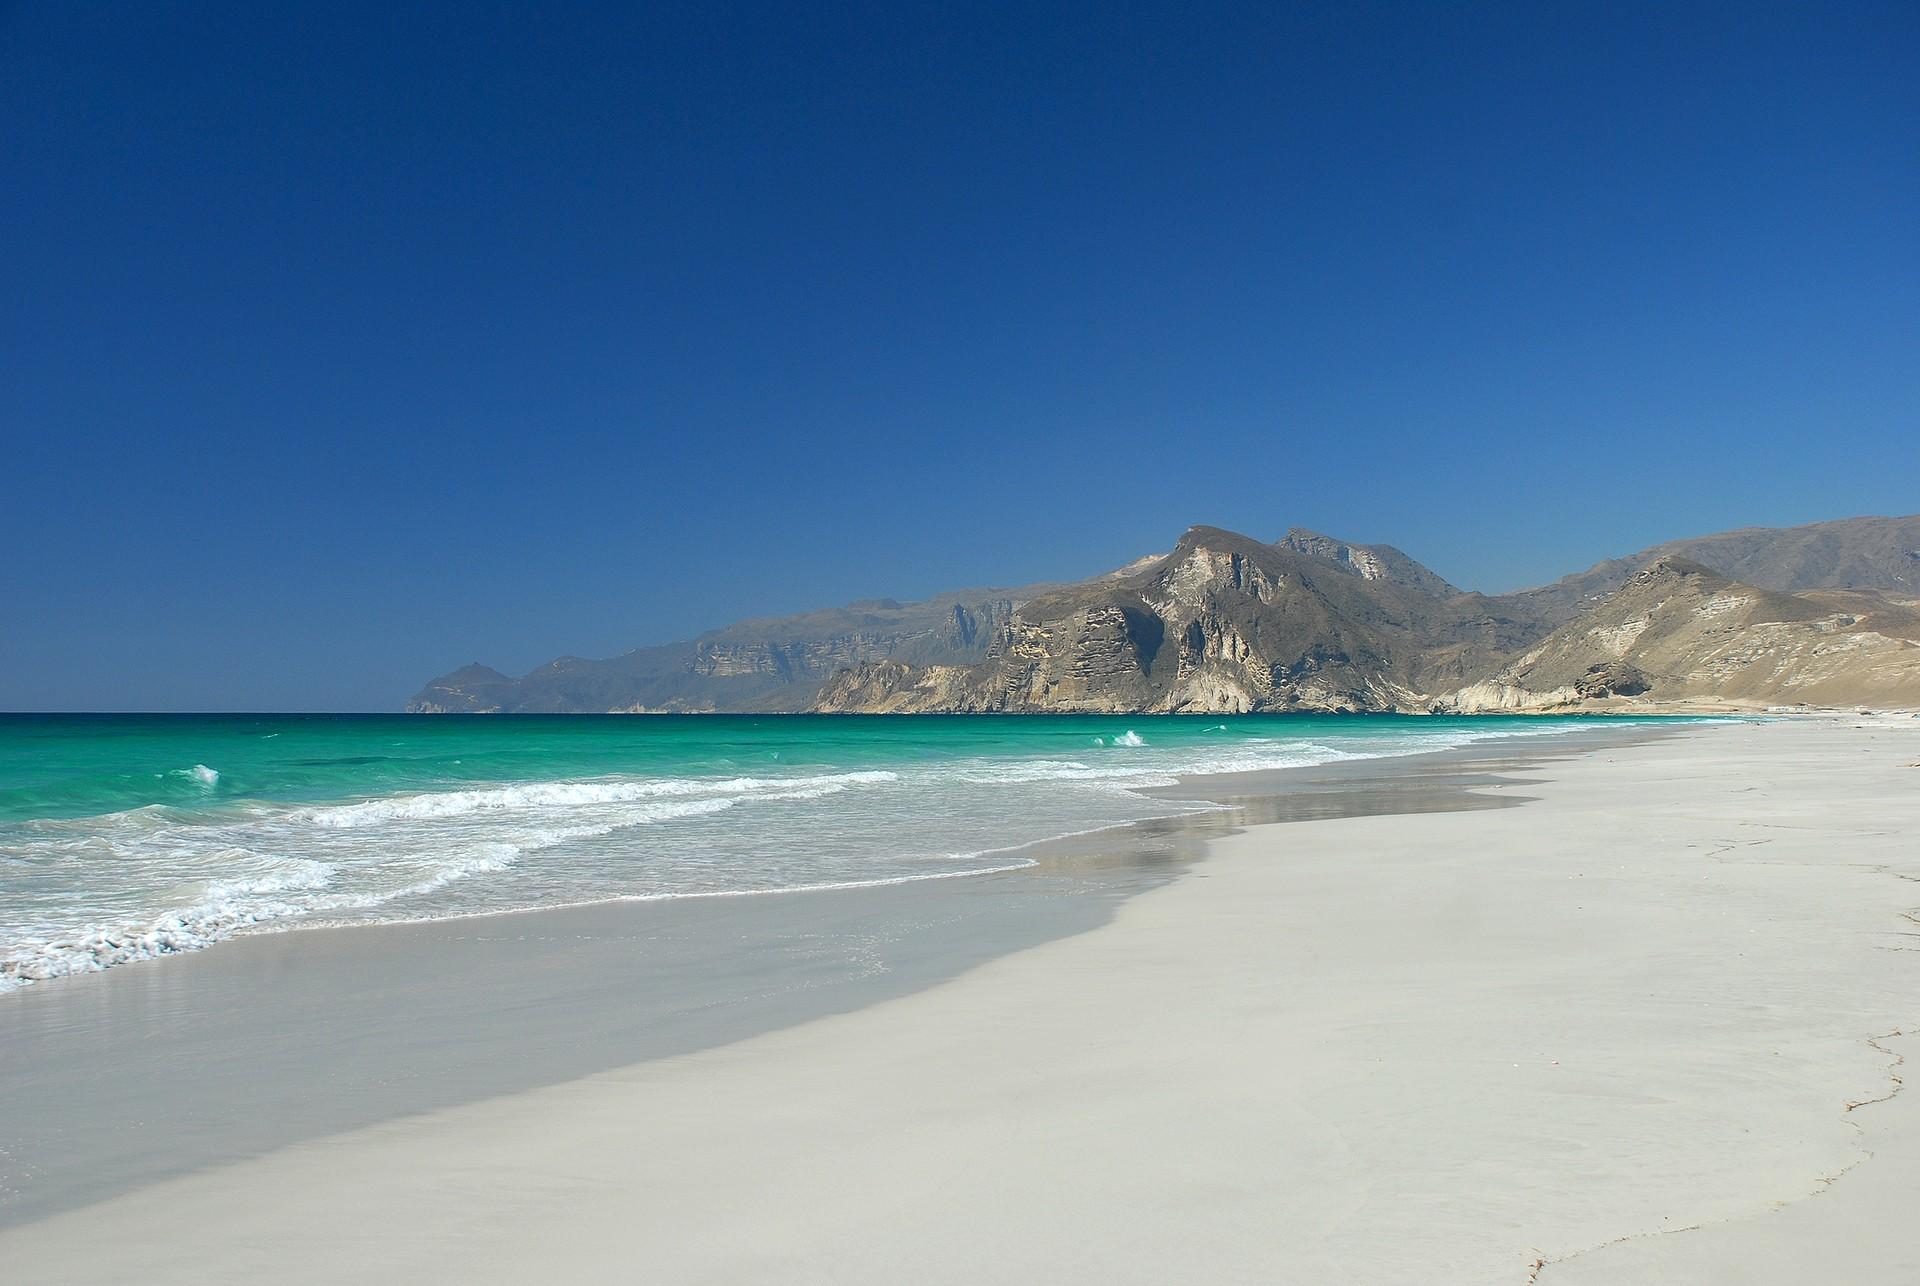 Mughsail Beach in Oman